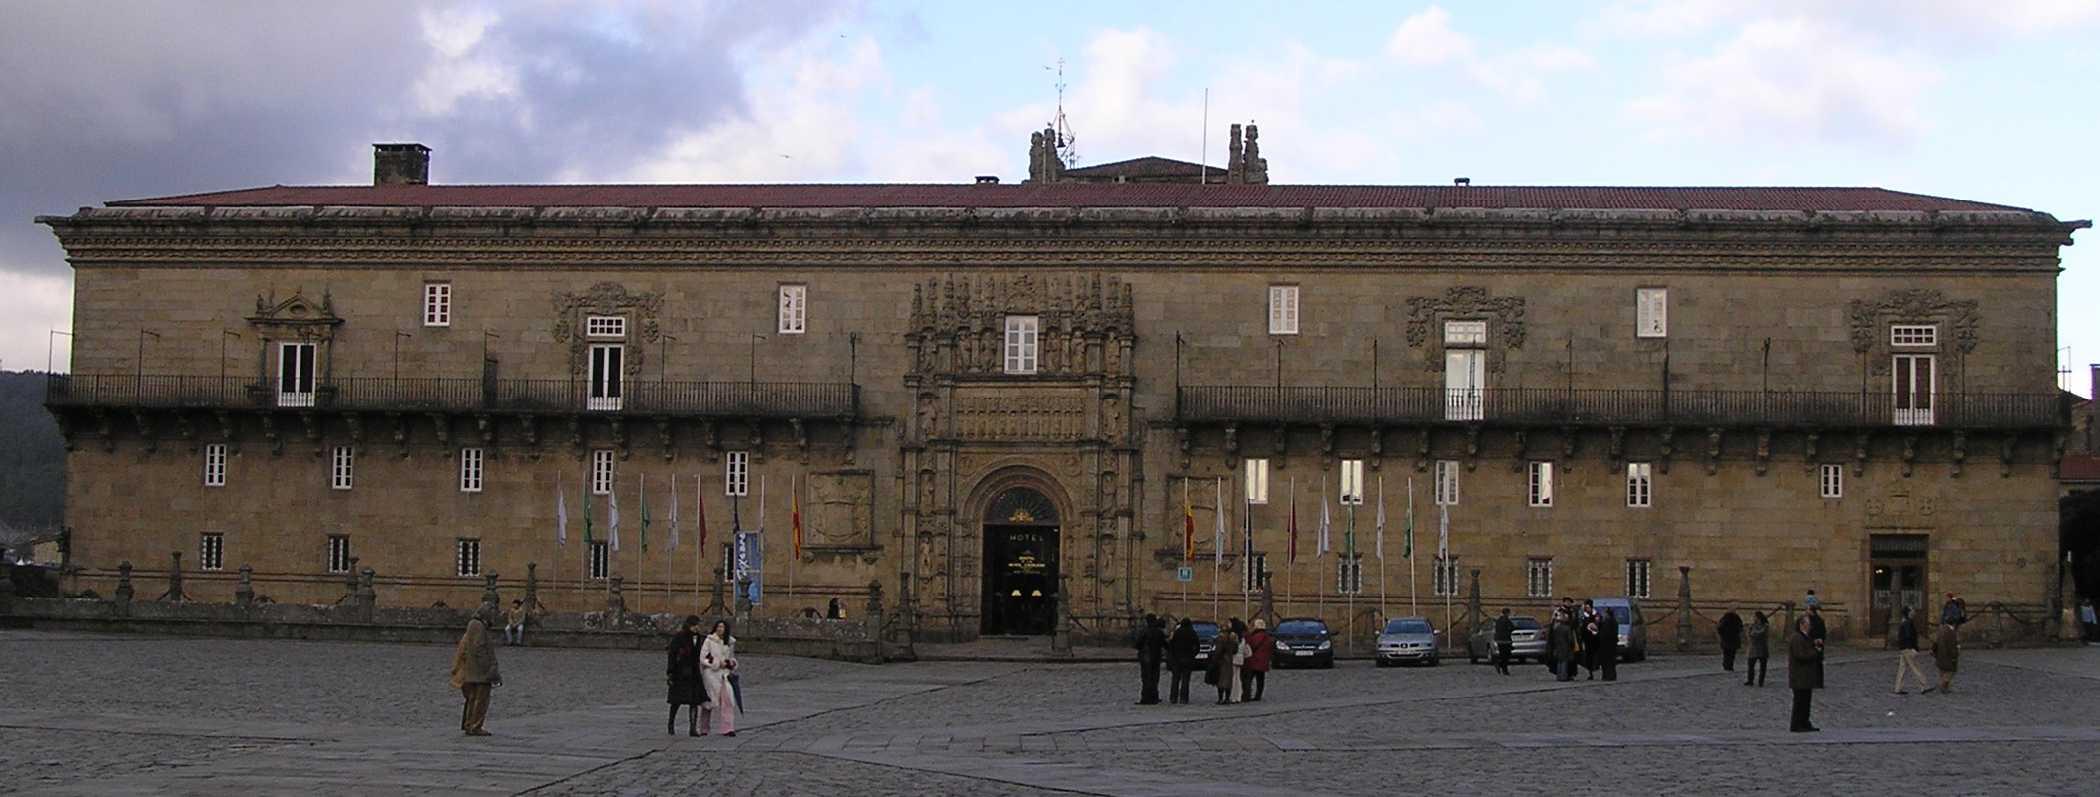 El Hostal dos Reis Católicos explica su historia a los visitantes